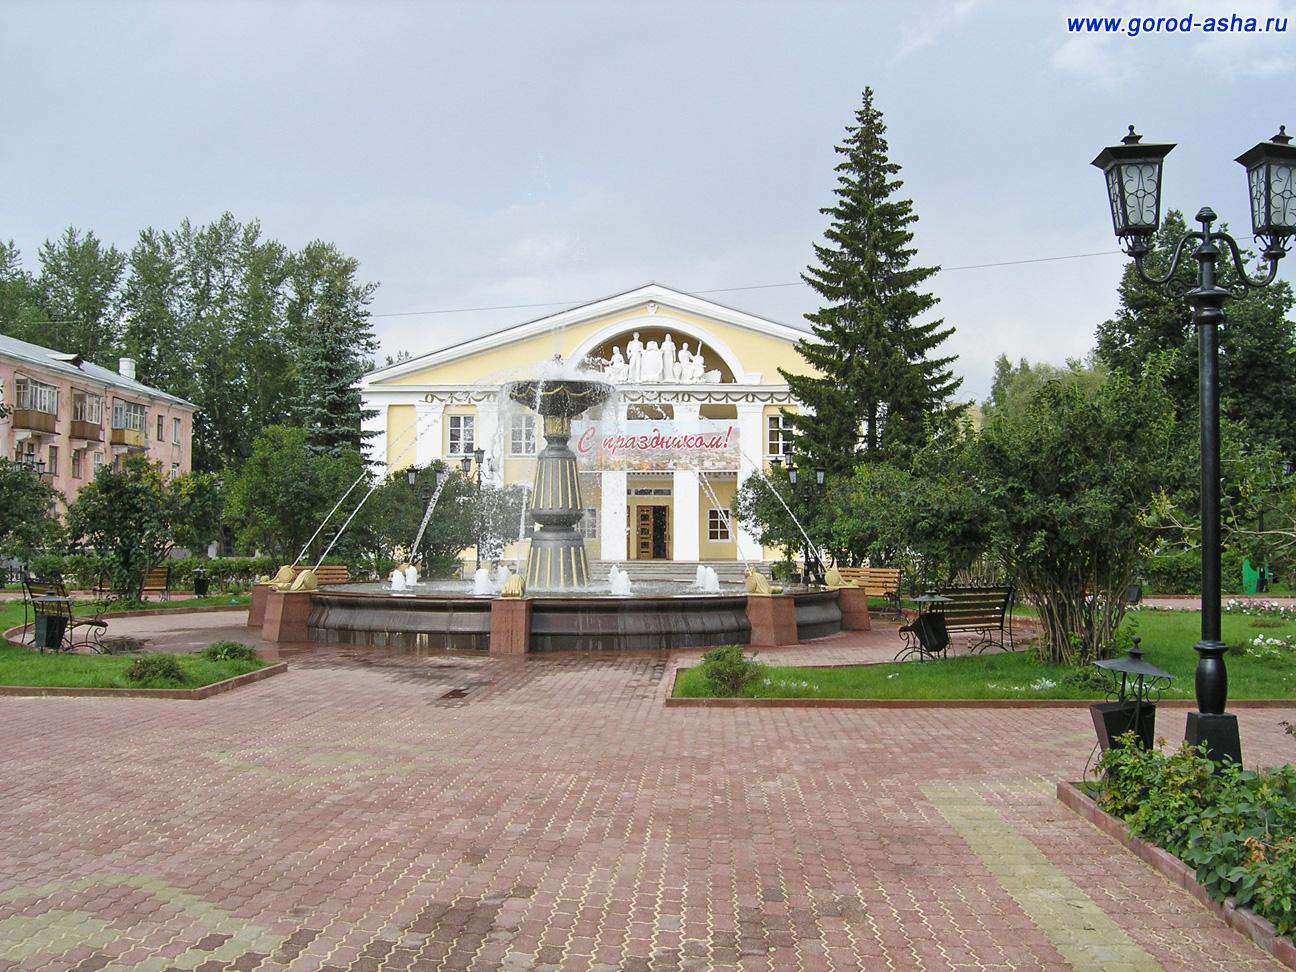 http://gorod-asha.ru/fotogal/asha/1/og/14.jpg